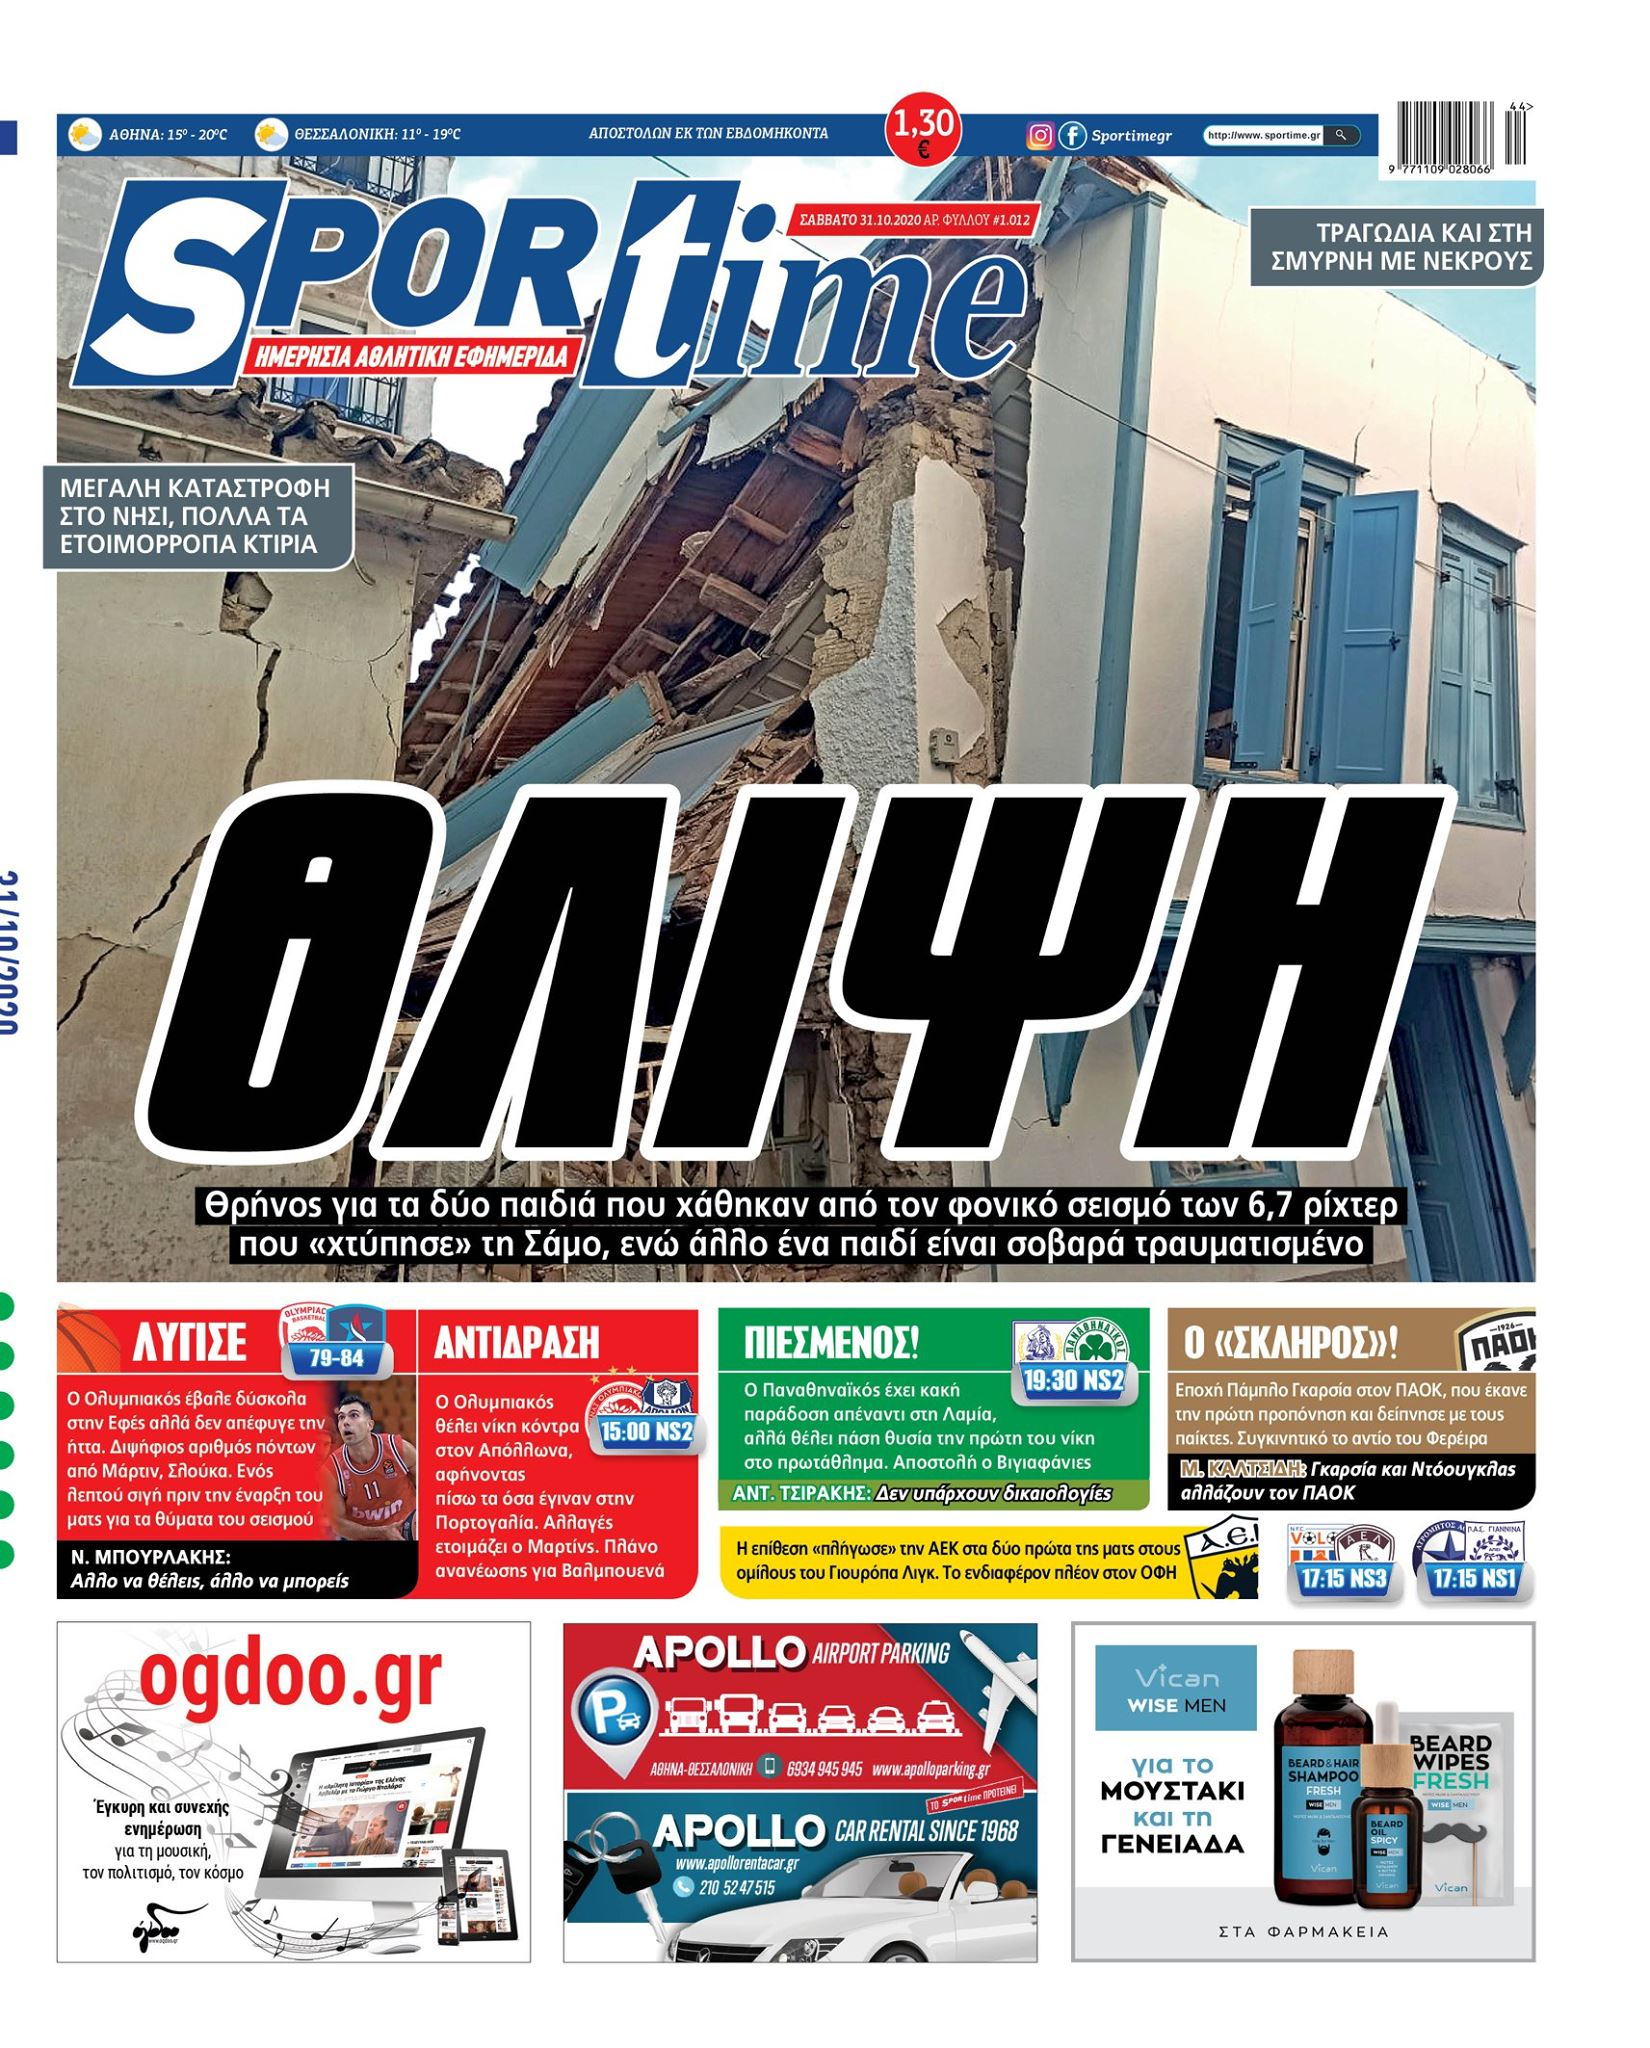 Εφημερίδα SPORTIME - Εξώφυλλο φύλλου 31/10/2020